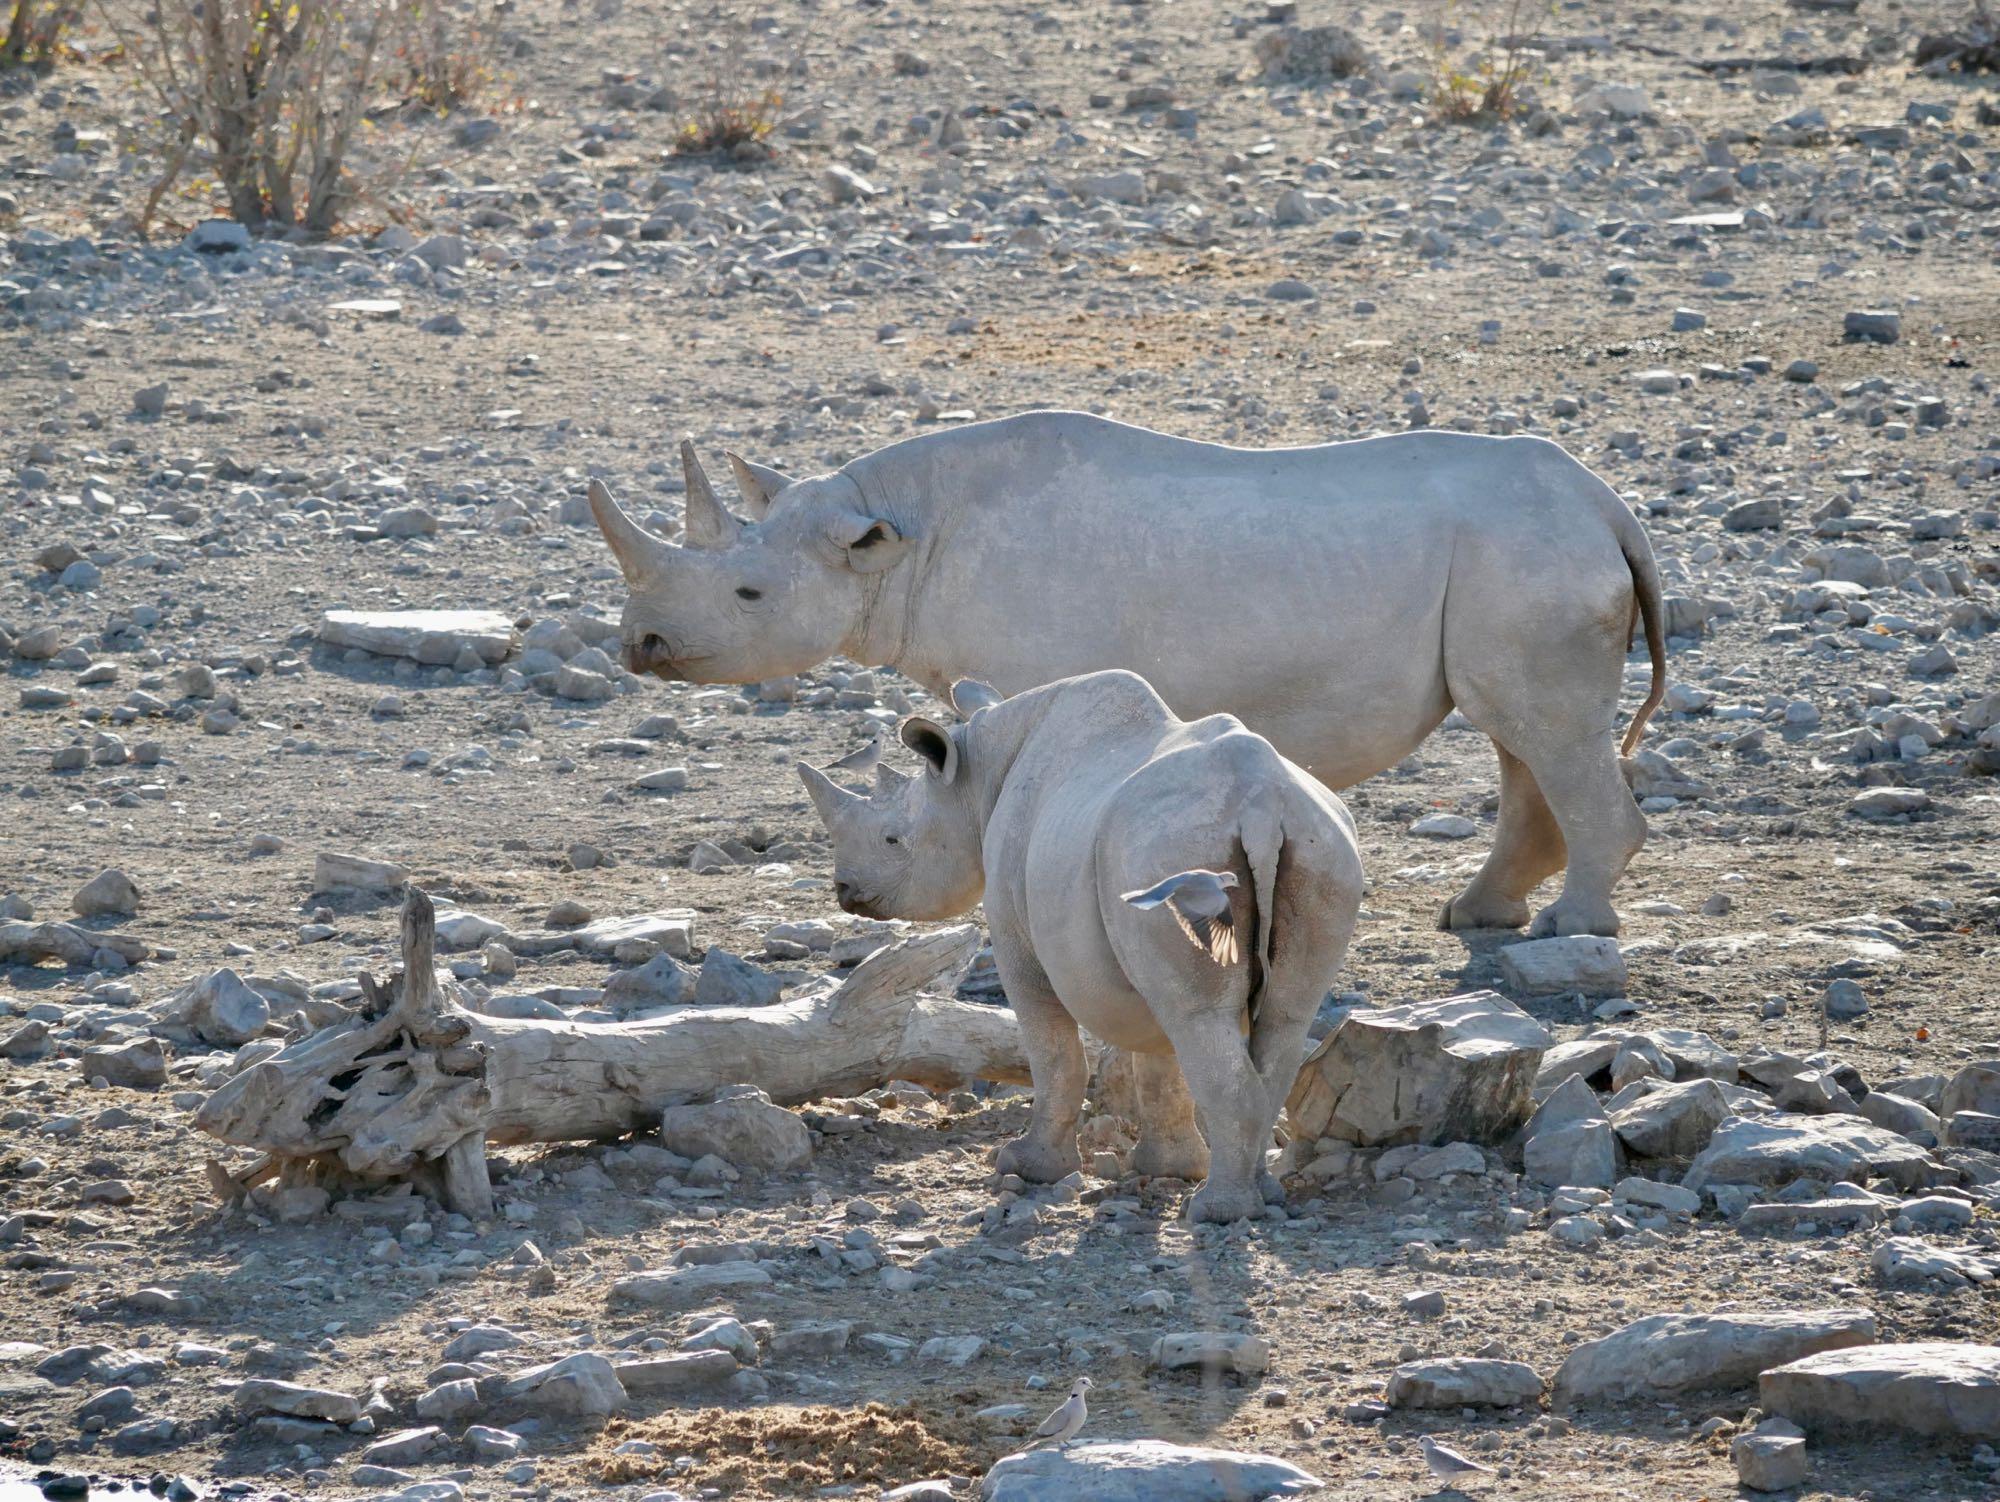 Une mère rhinocéros et son fils à Etosha